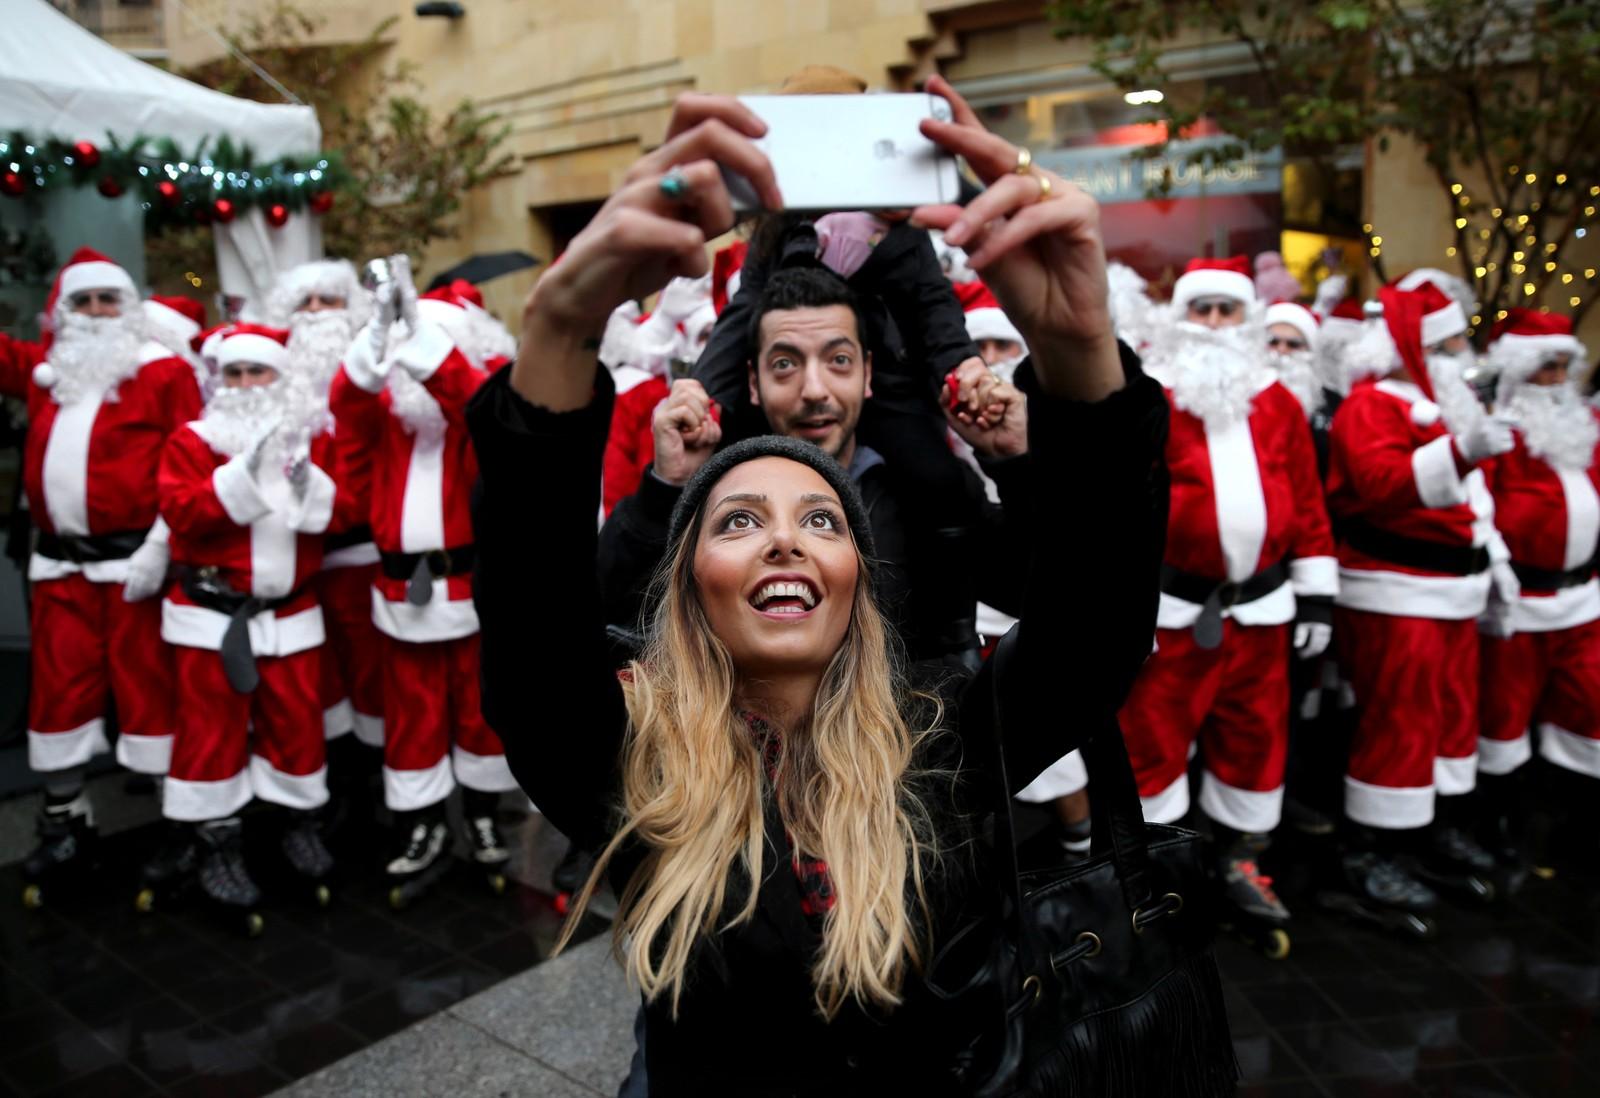 Et libanesisk par tar en selfie foran en gjeng nisser under en juleparade i Beirut, Libanon.